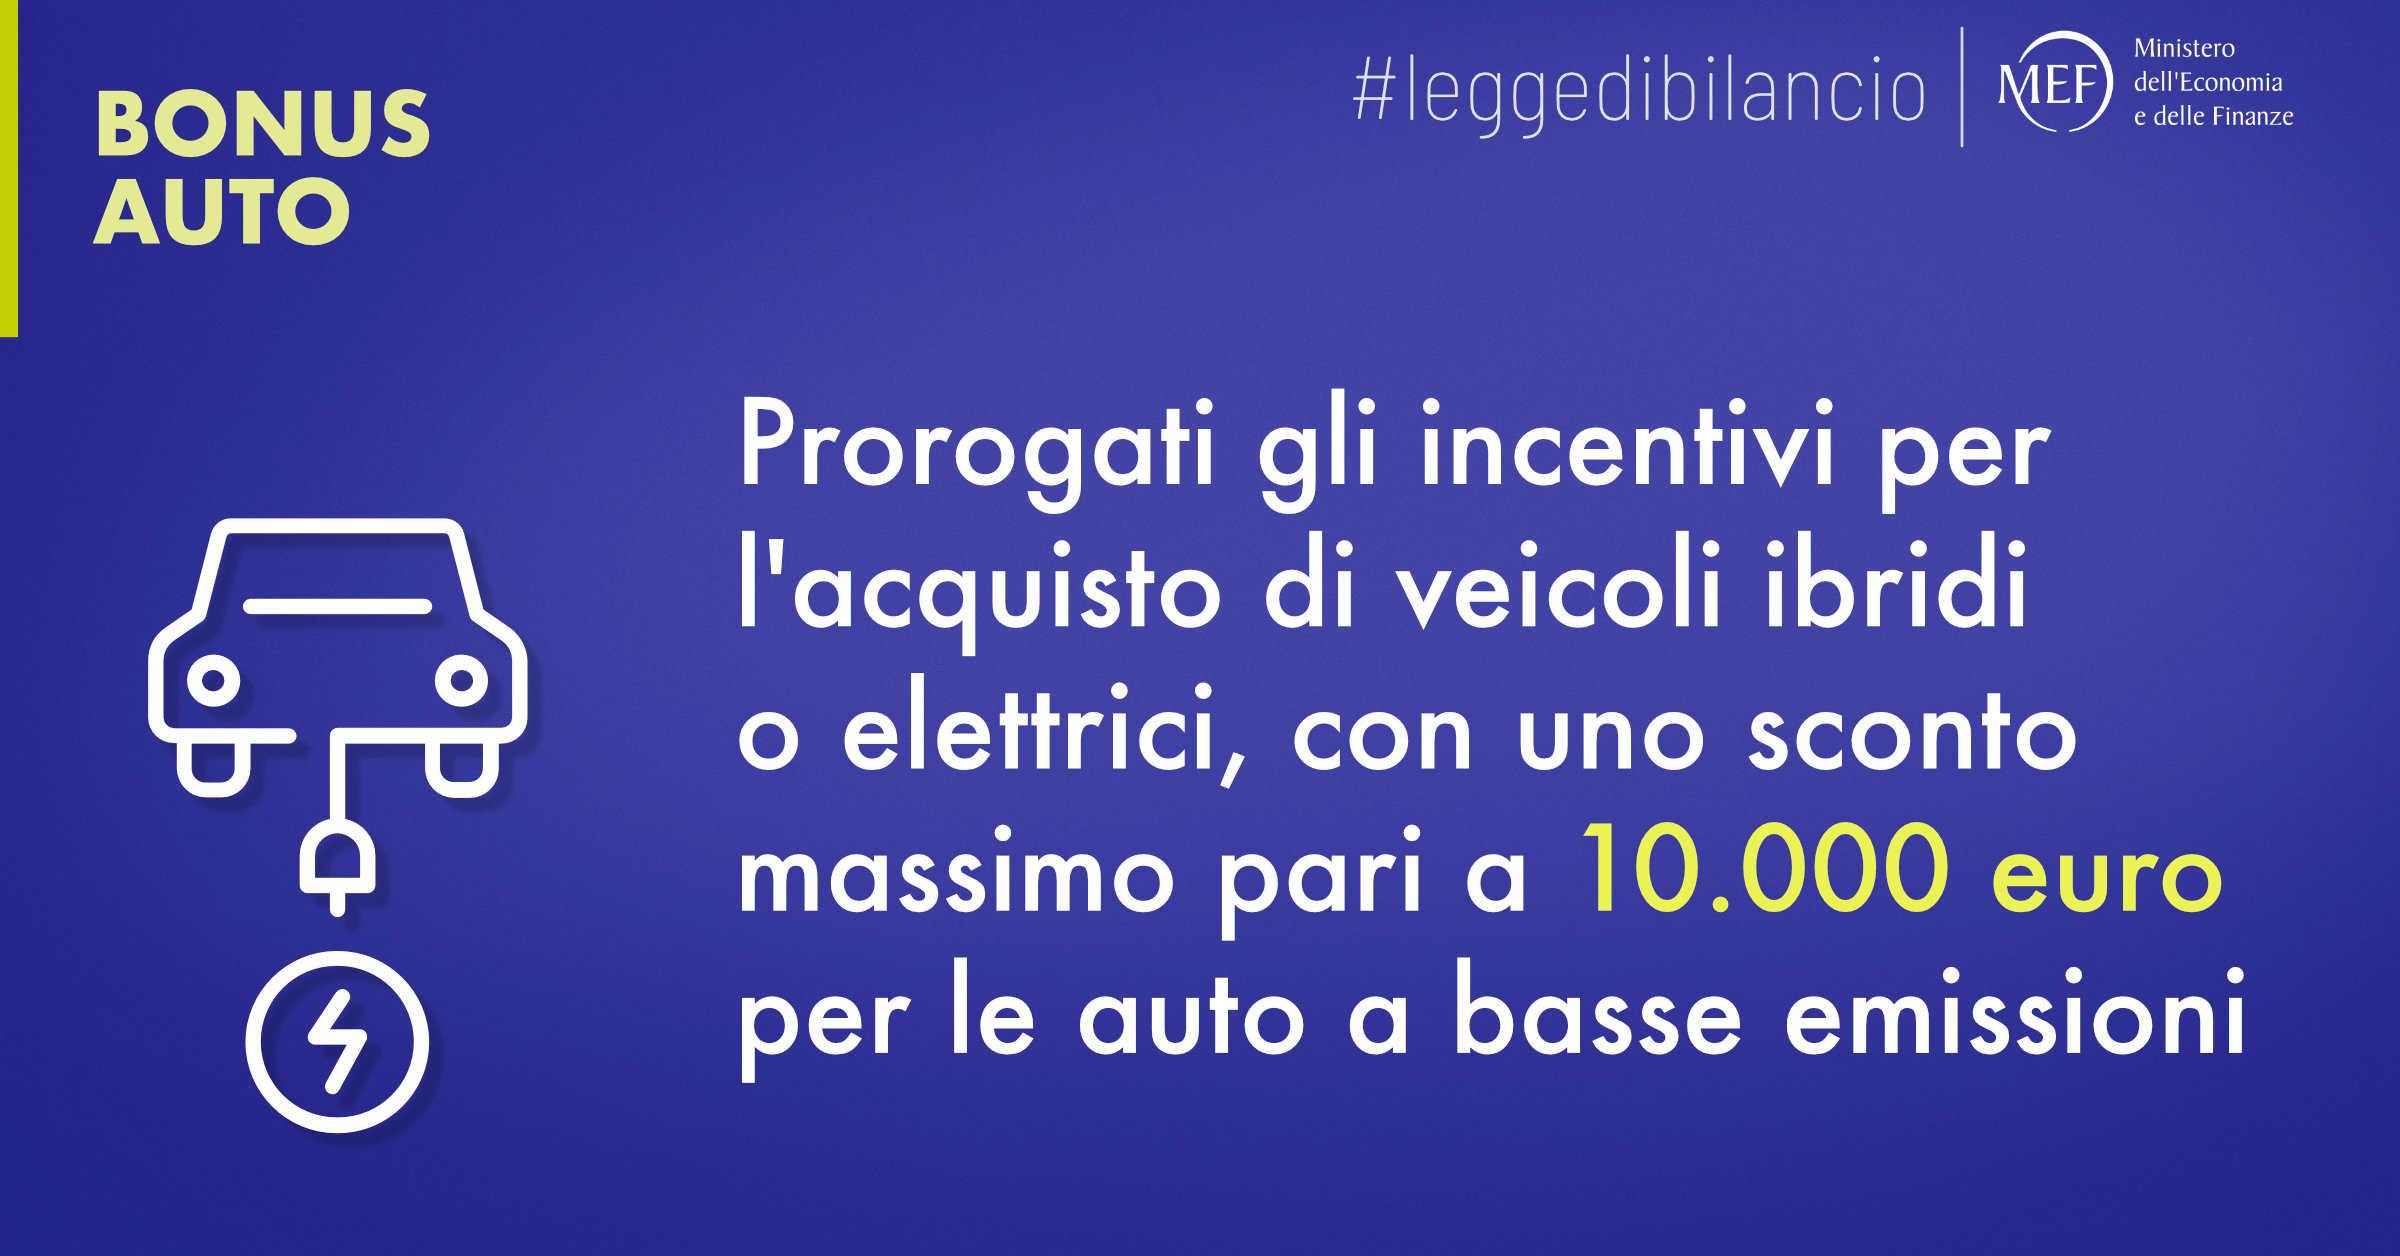 Bonus auto: prorogati gli incentivi per l'acquisto di veicoli ibridi o elettrici, con uno sconto massimo pari a 10.000 euro per le auto a basse emissioni